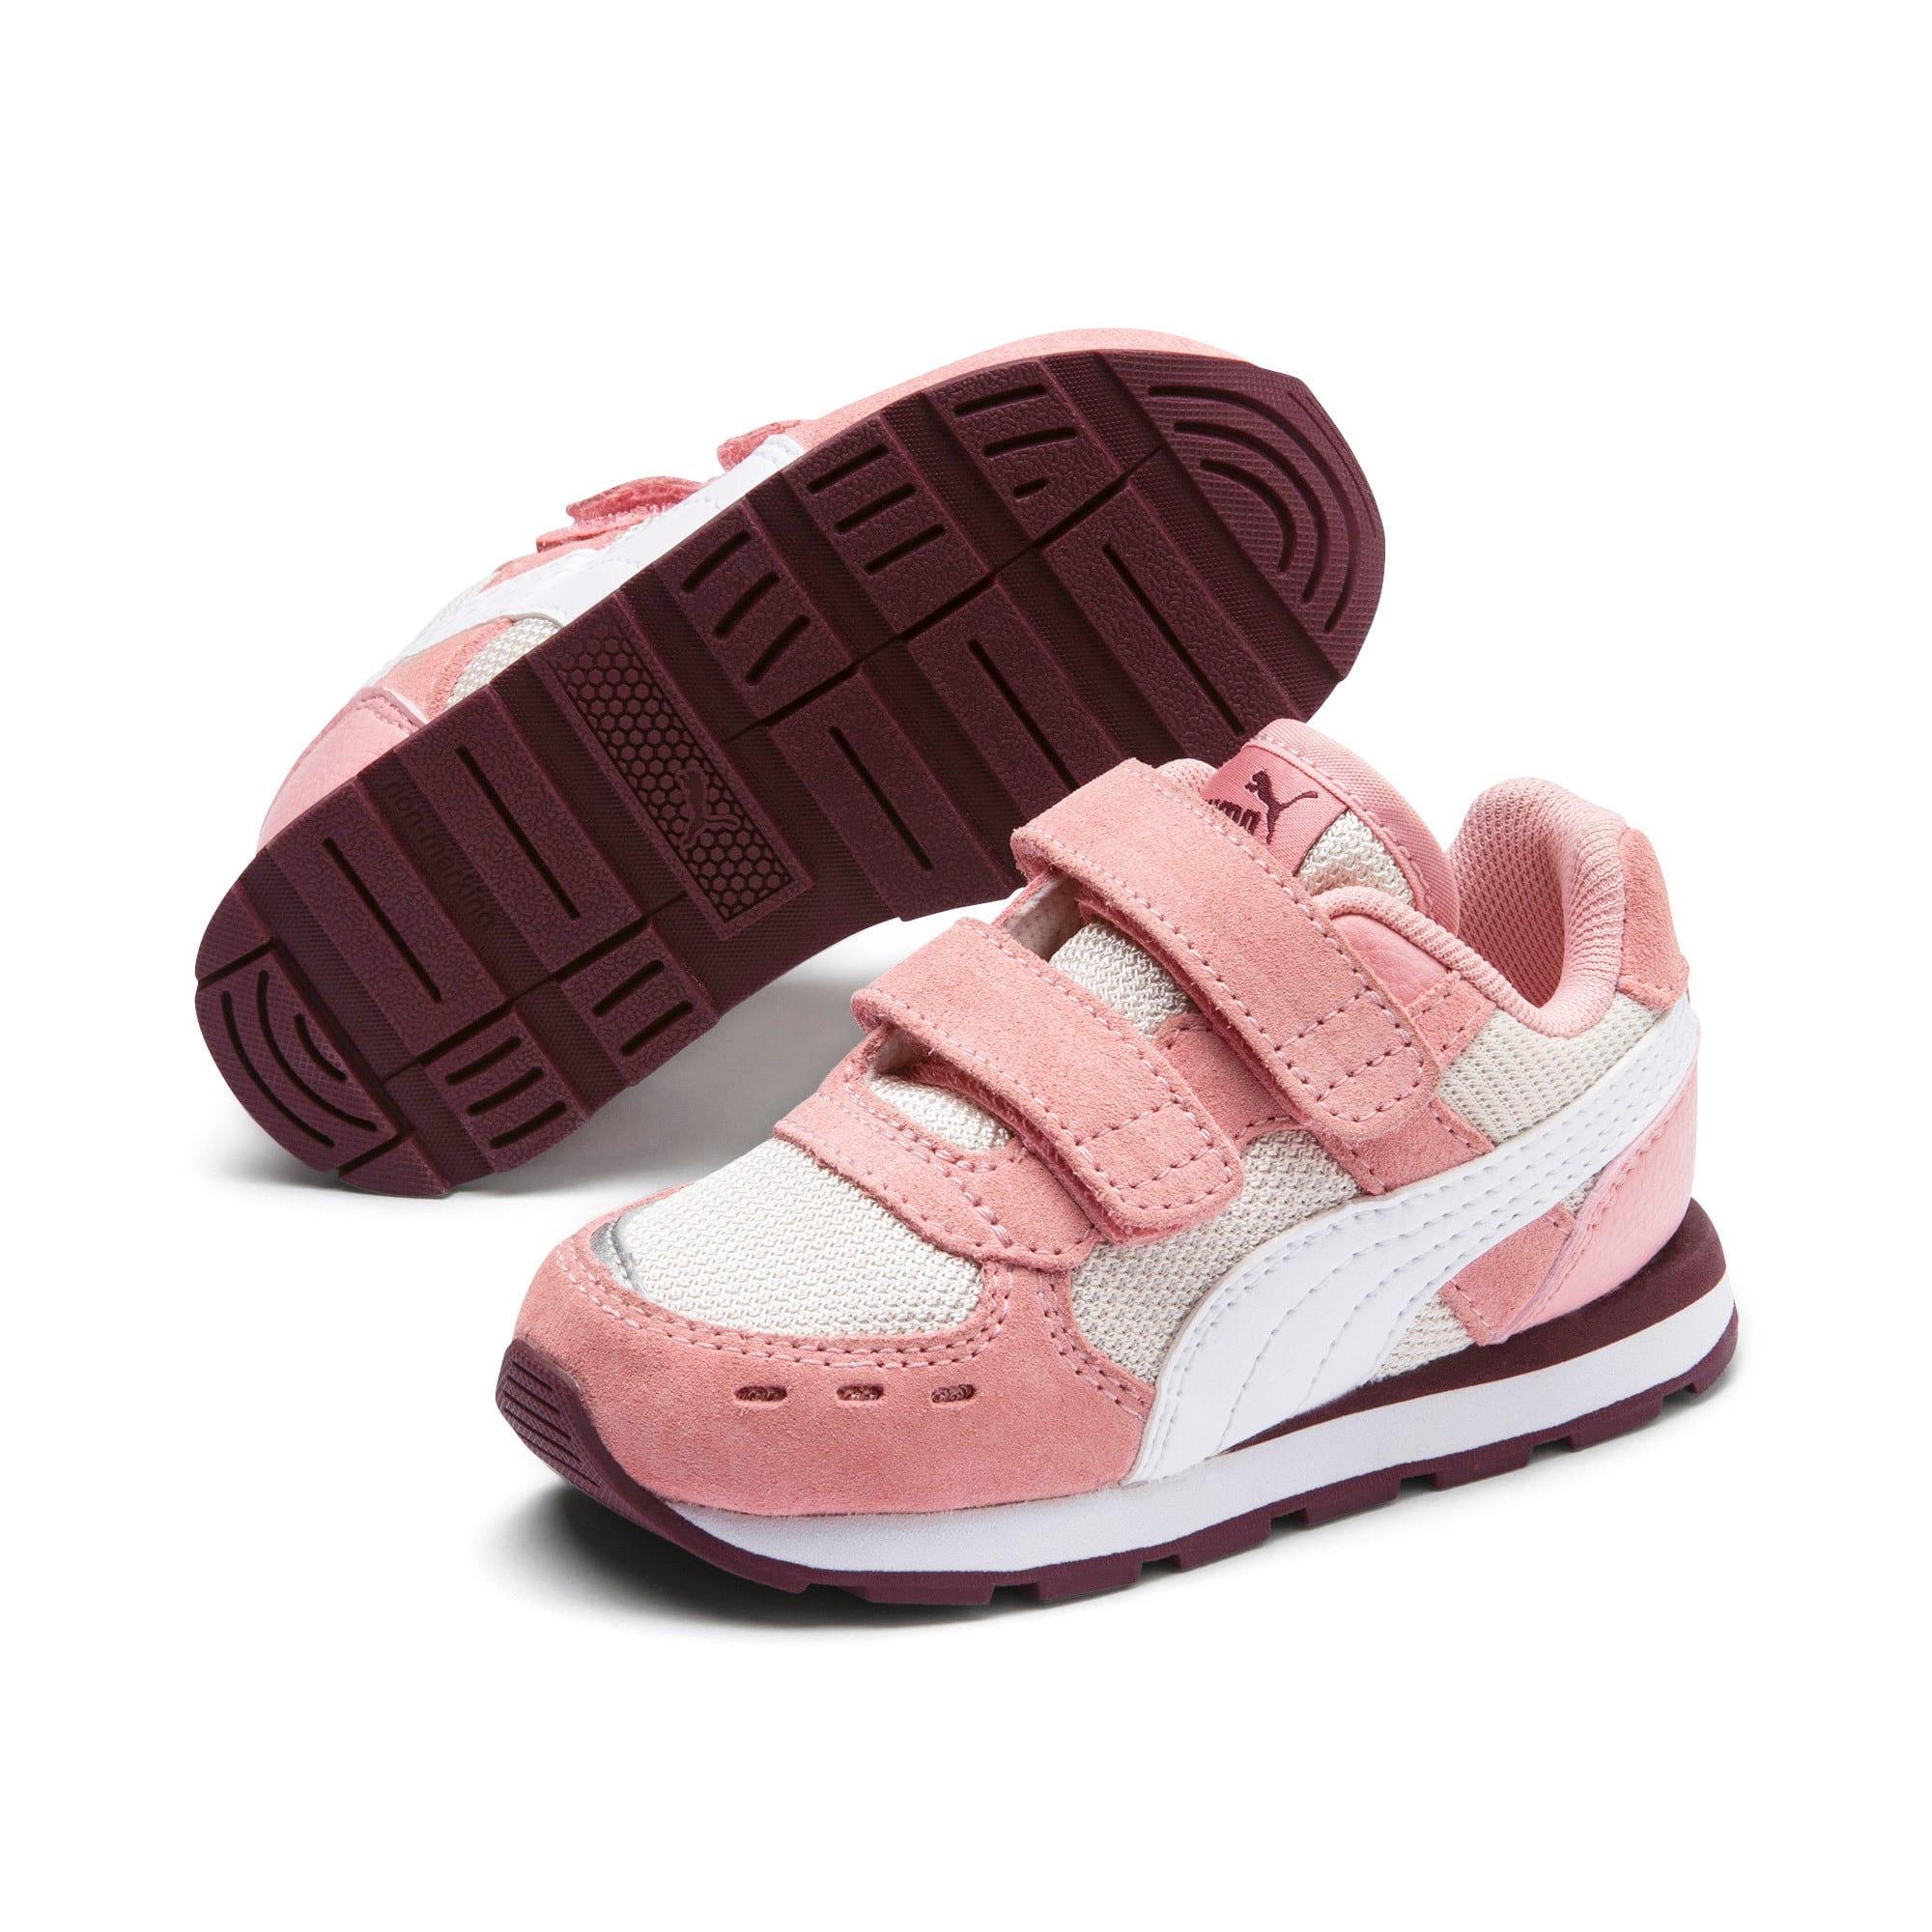 Miniatura 2 de Zapatos Vista para bebé, Bridal Rose-Puma White, mediano